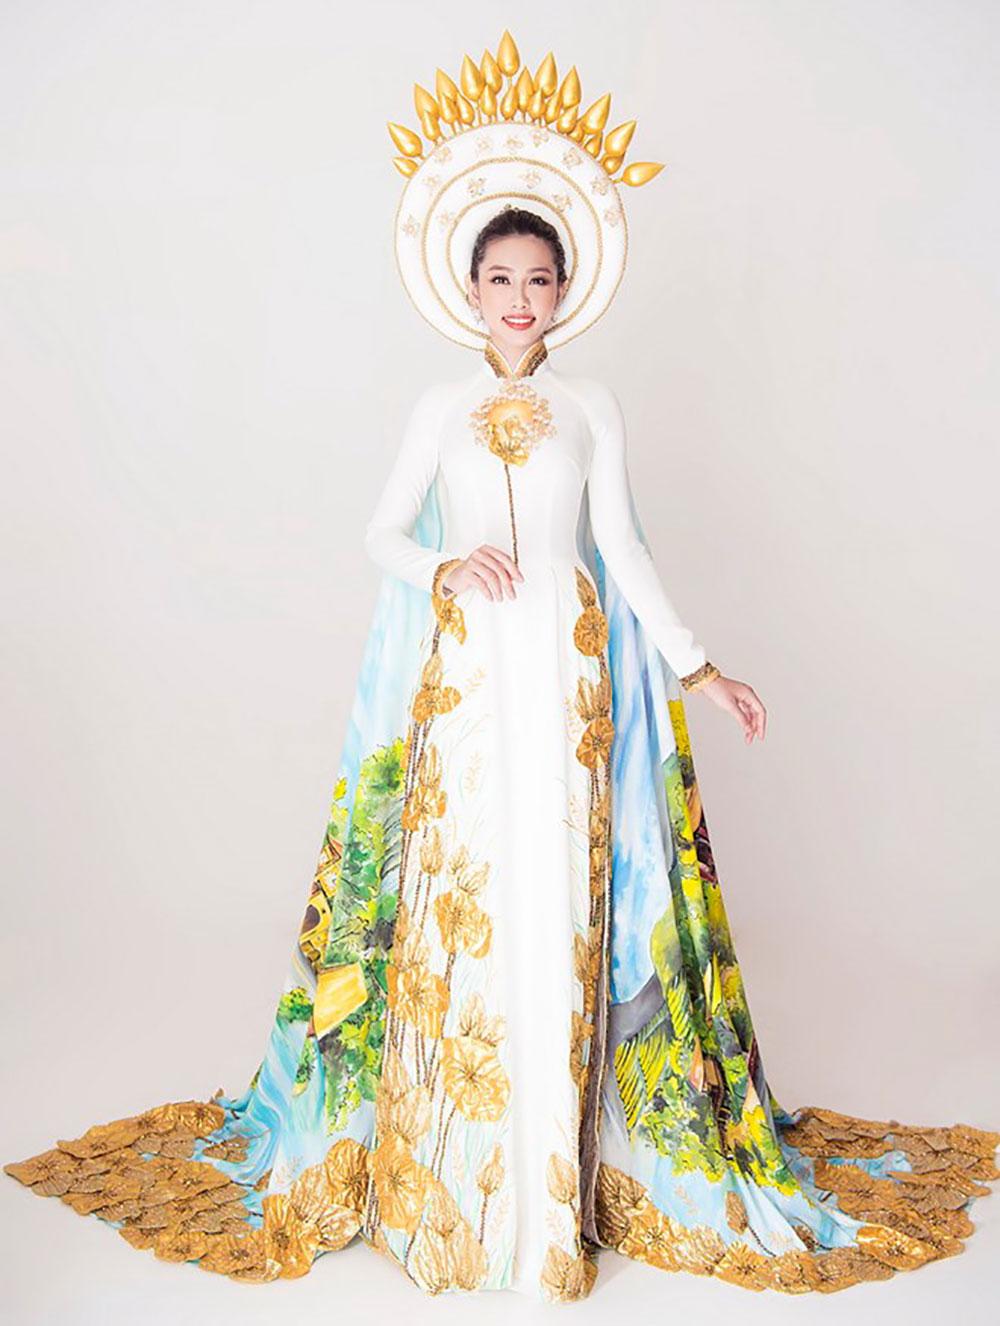 Miss International 2018, Thùy Tiên, Missosology bình chọn, đêm chung kết